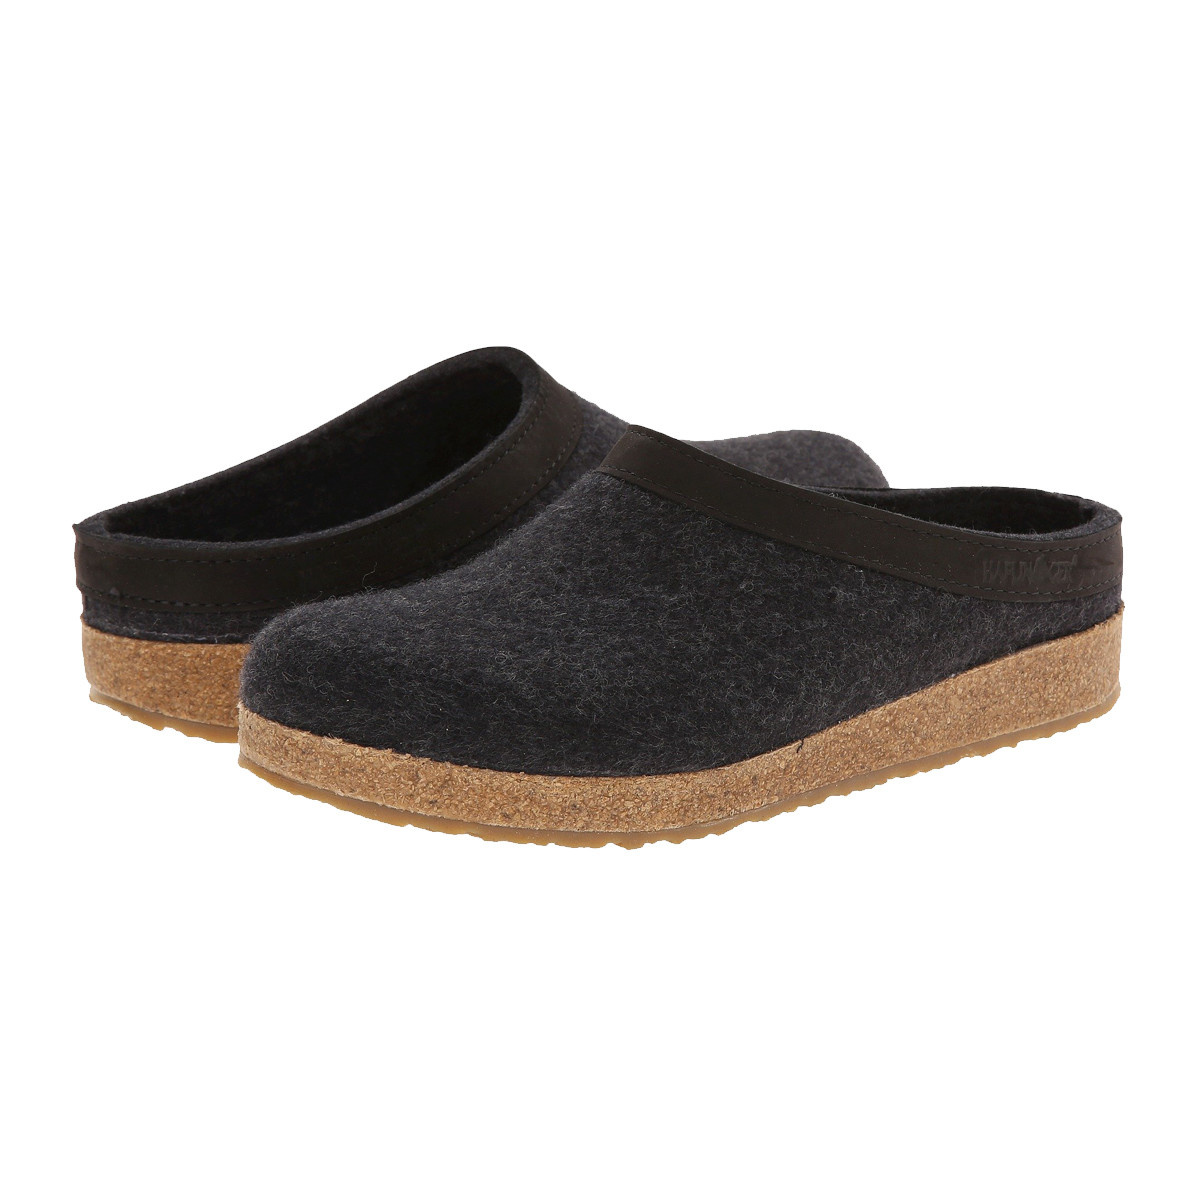 Haflinger Haflinger Women's Gzl Charcoal Slippers